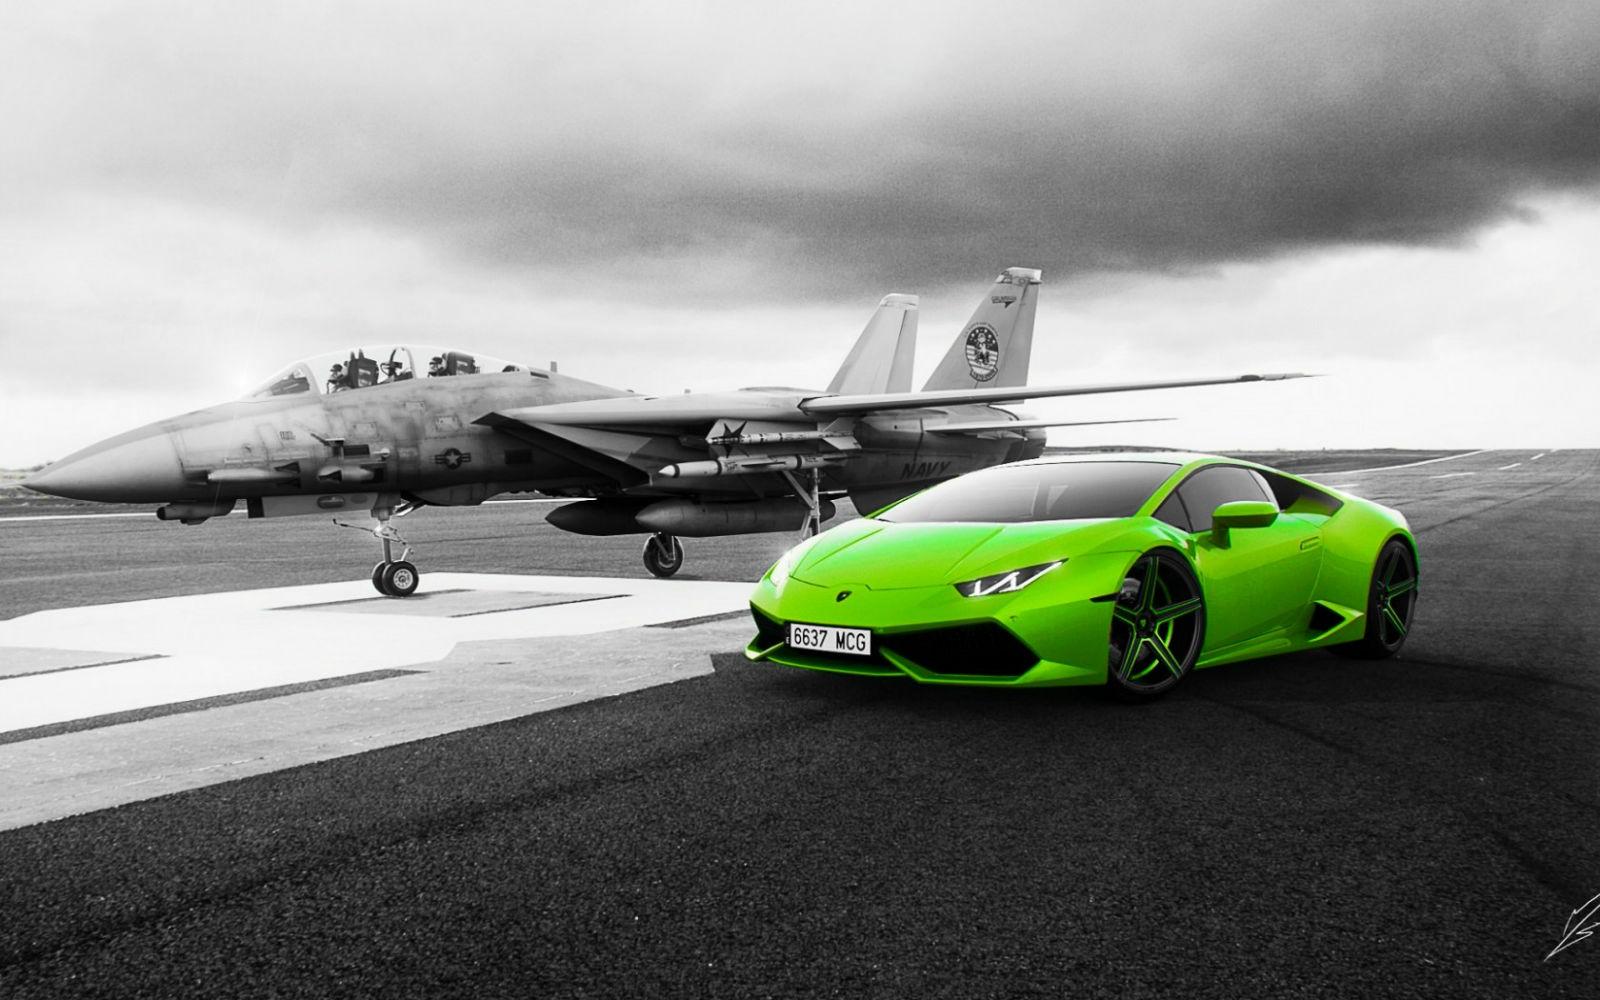 Wallpaper 1600x1000 Px Green Cars Grumman F 14 Tomcat